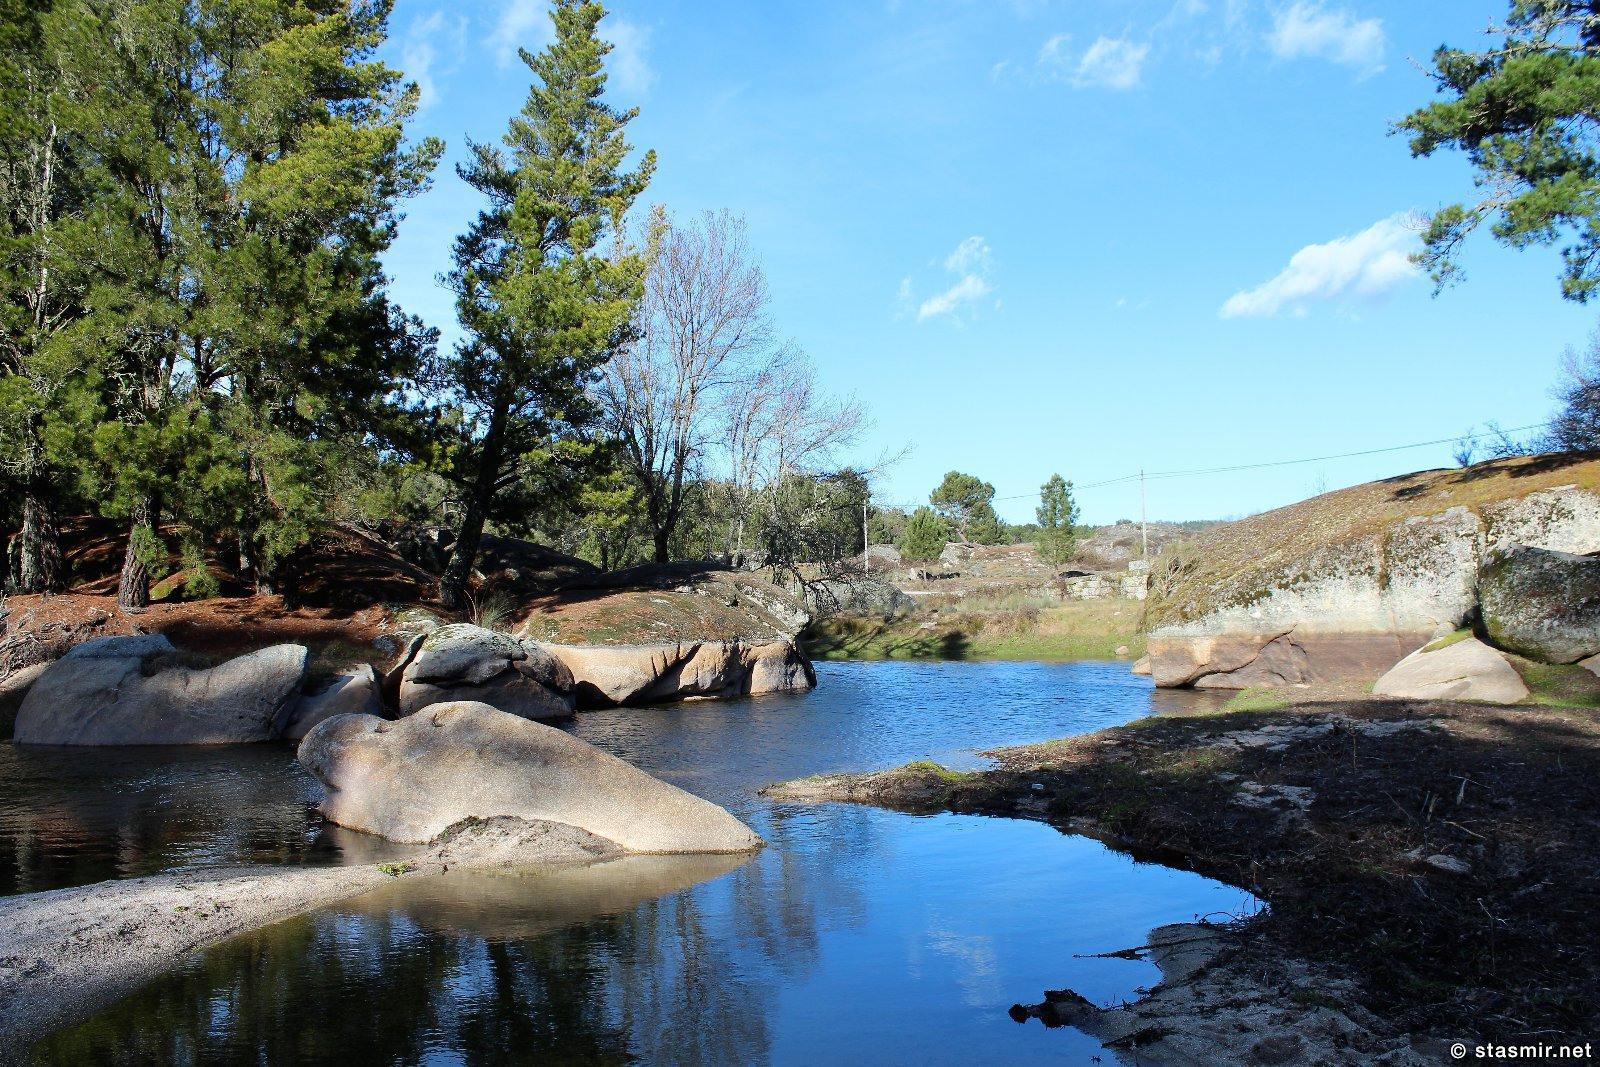 Жереш в Португалии - чистые воды, фото Стасмир, photo Stasmir